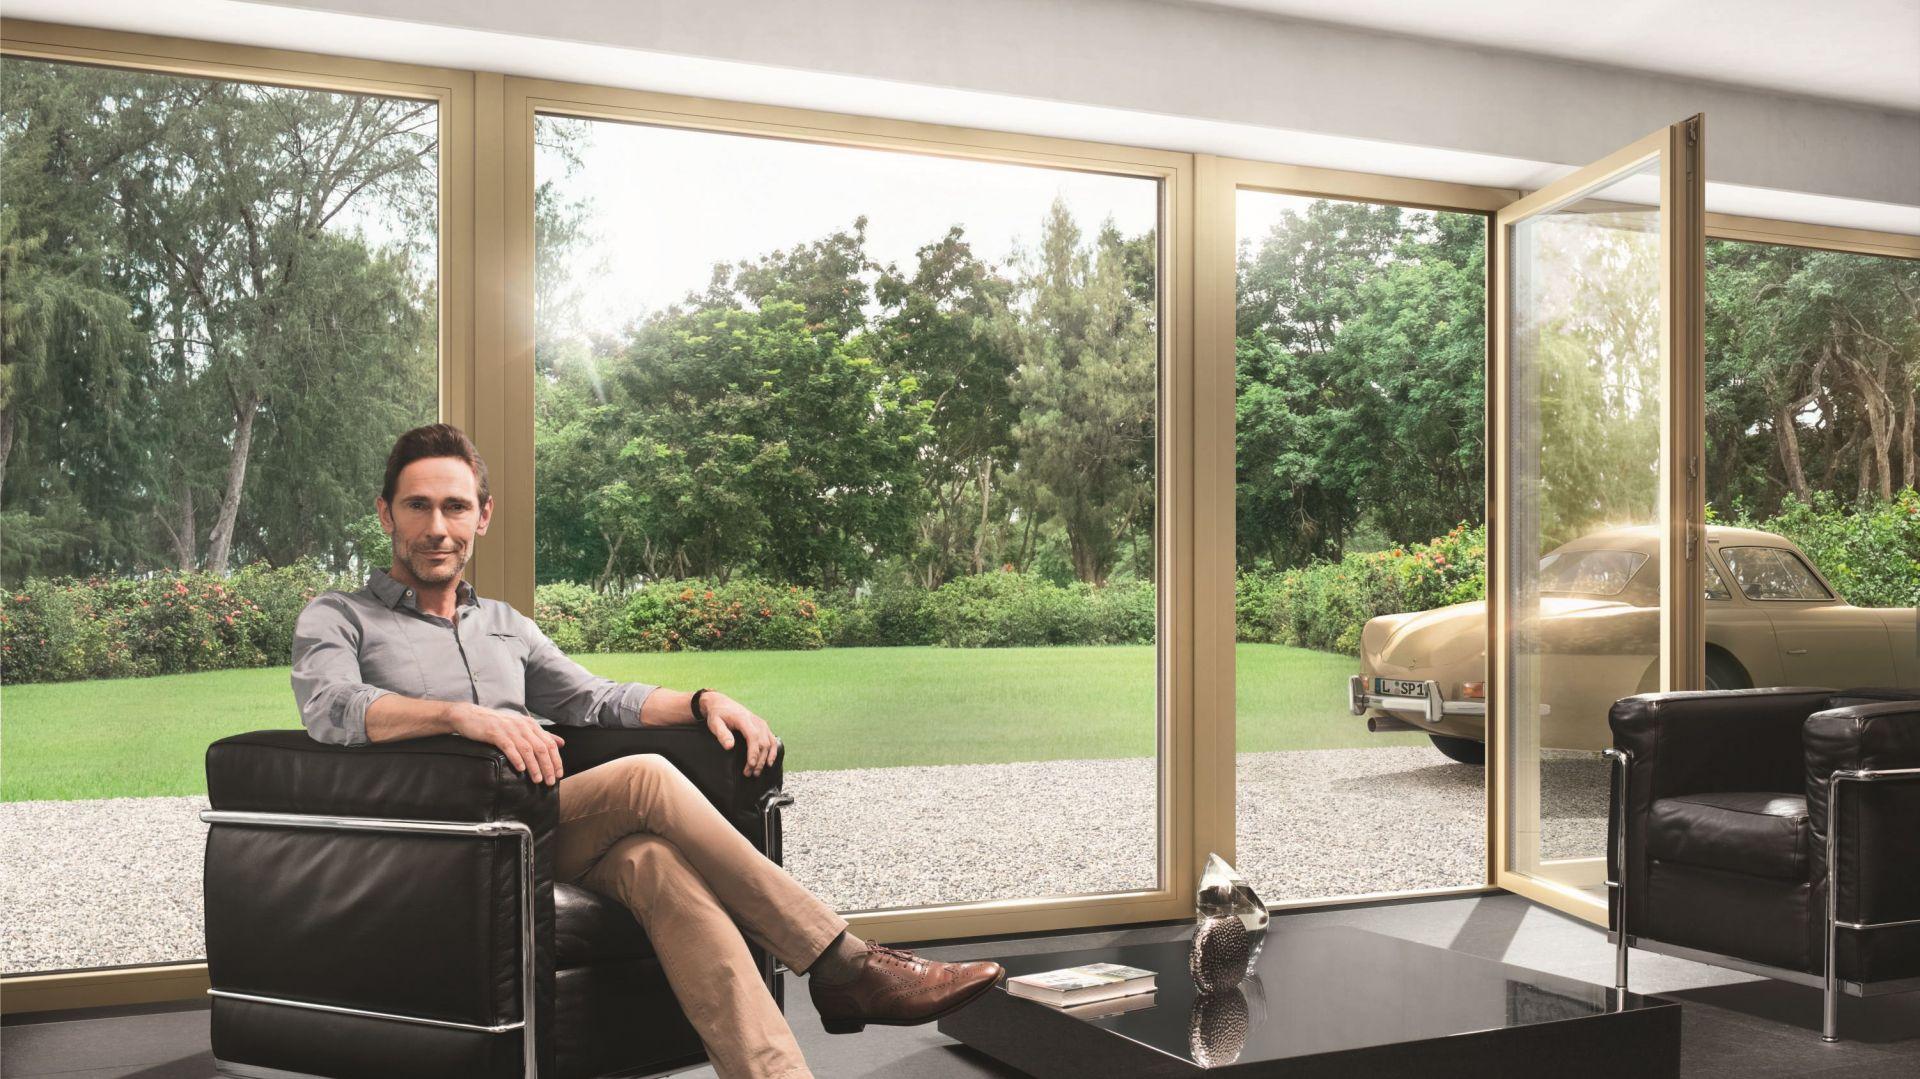 Nowoczesne okna z PCV wyróżniają się m.in. większymi formatami i wyrazistymi kolorami ram. Fot. Schüco